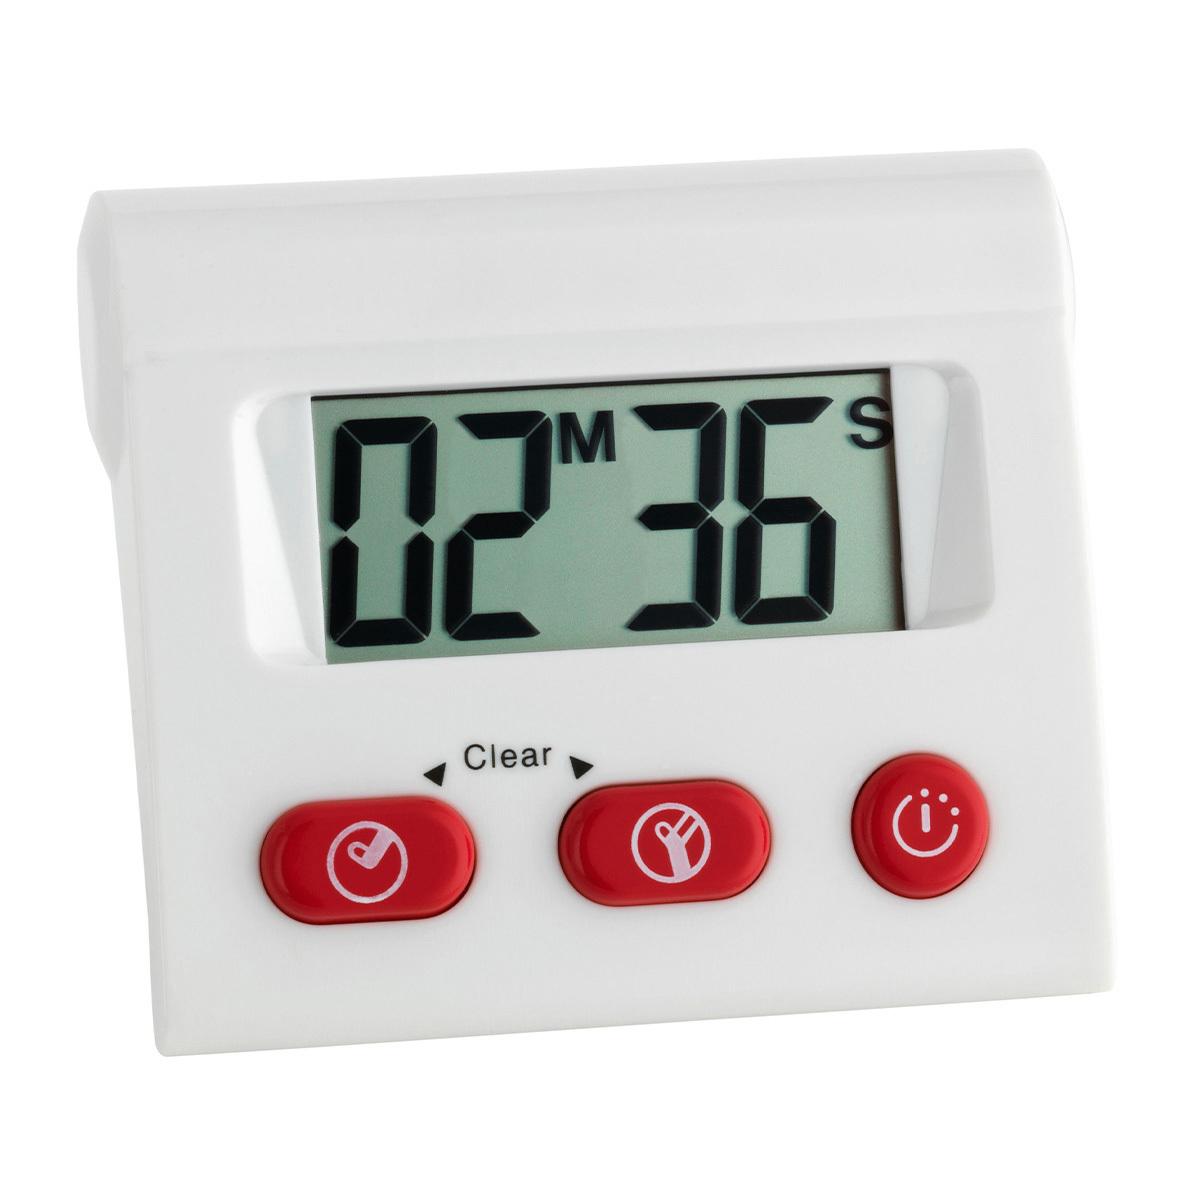 38-2008-digitaler-timer-stoppuhr-1200x1200px.jpg